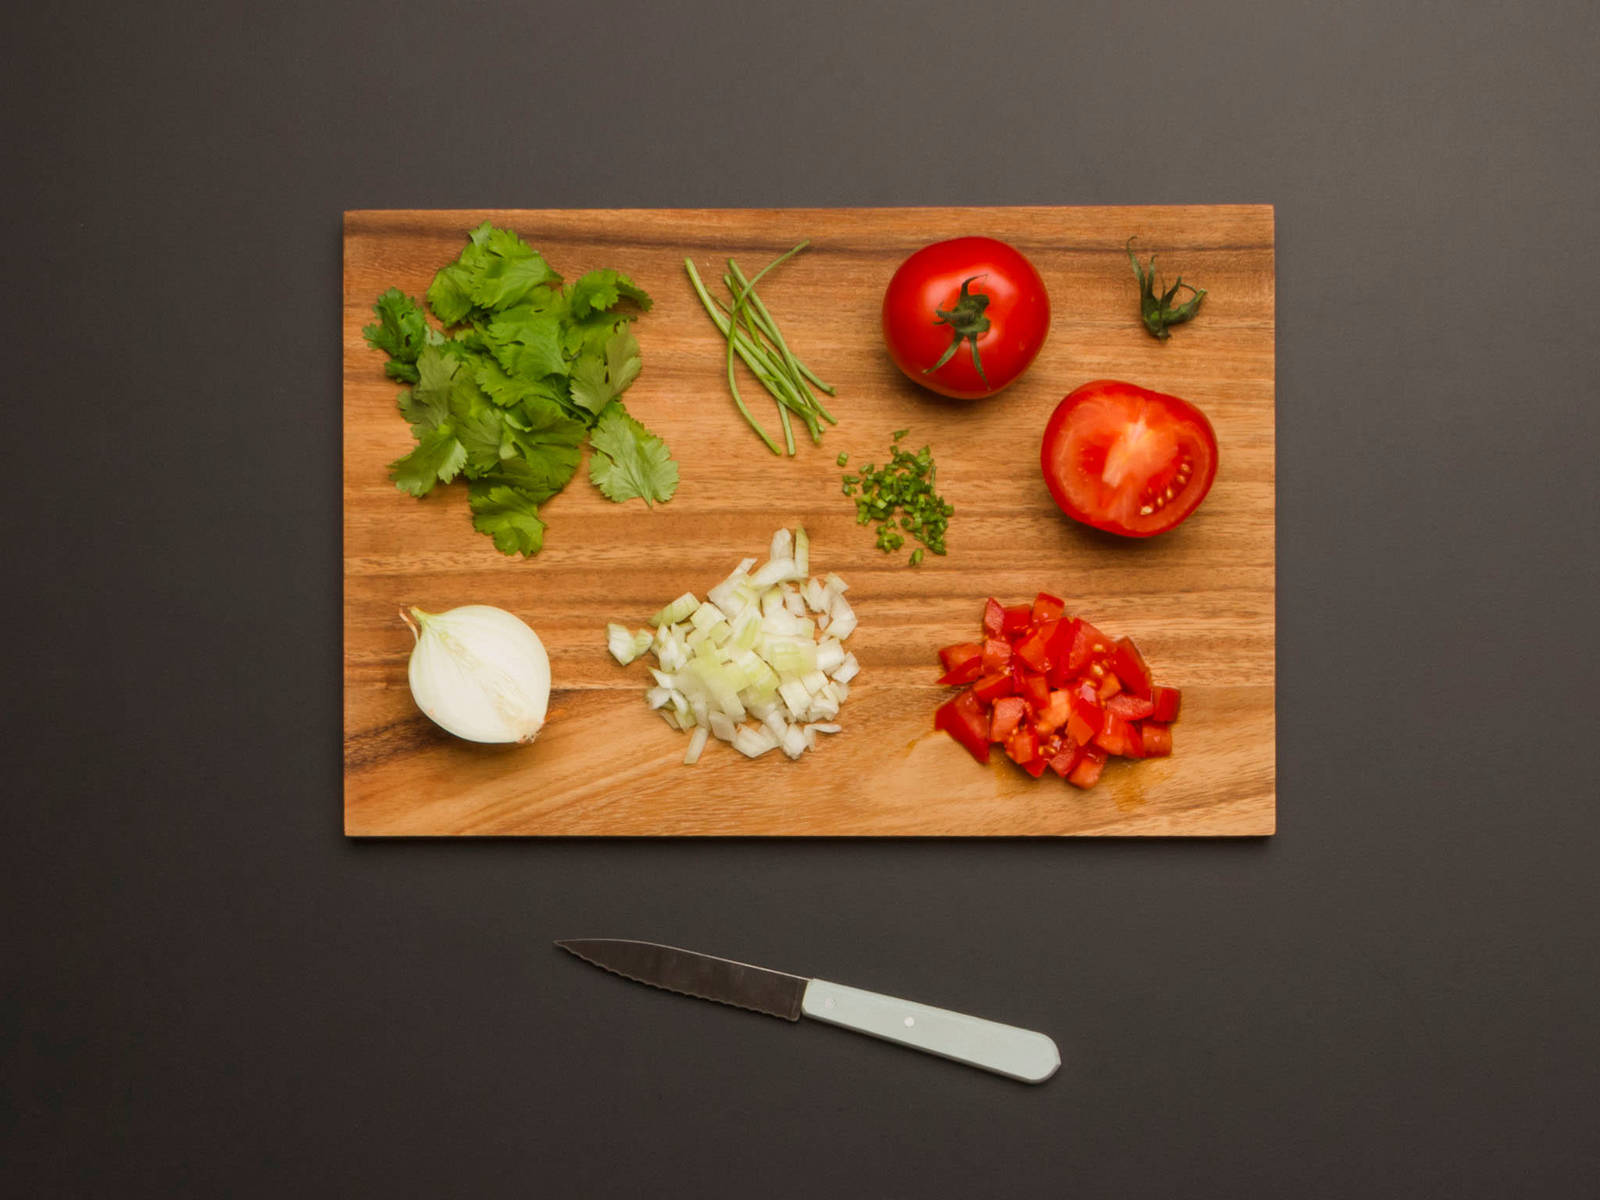 Tomaten in kleine Würfel schneiden. Zwiebel schälen und fein würfeln. Korianderblätter vom Stiel zupfen und Stiele fein hacken.